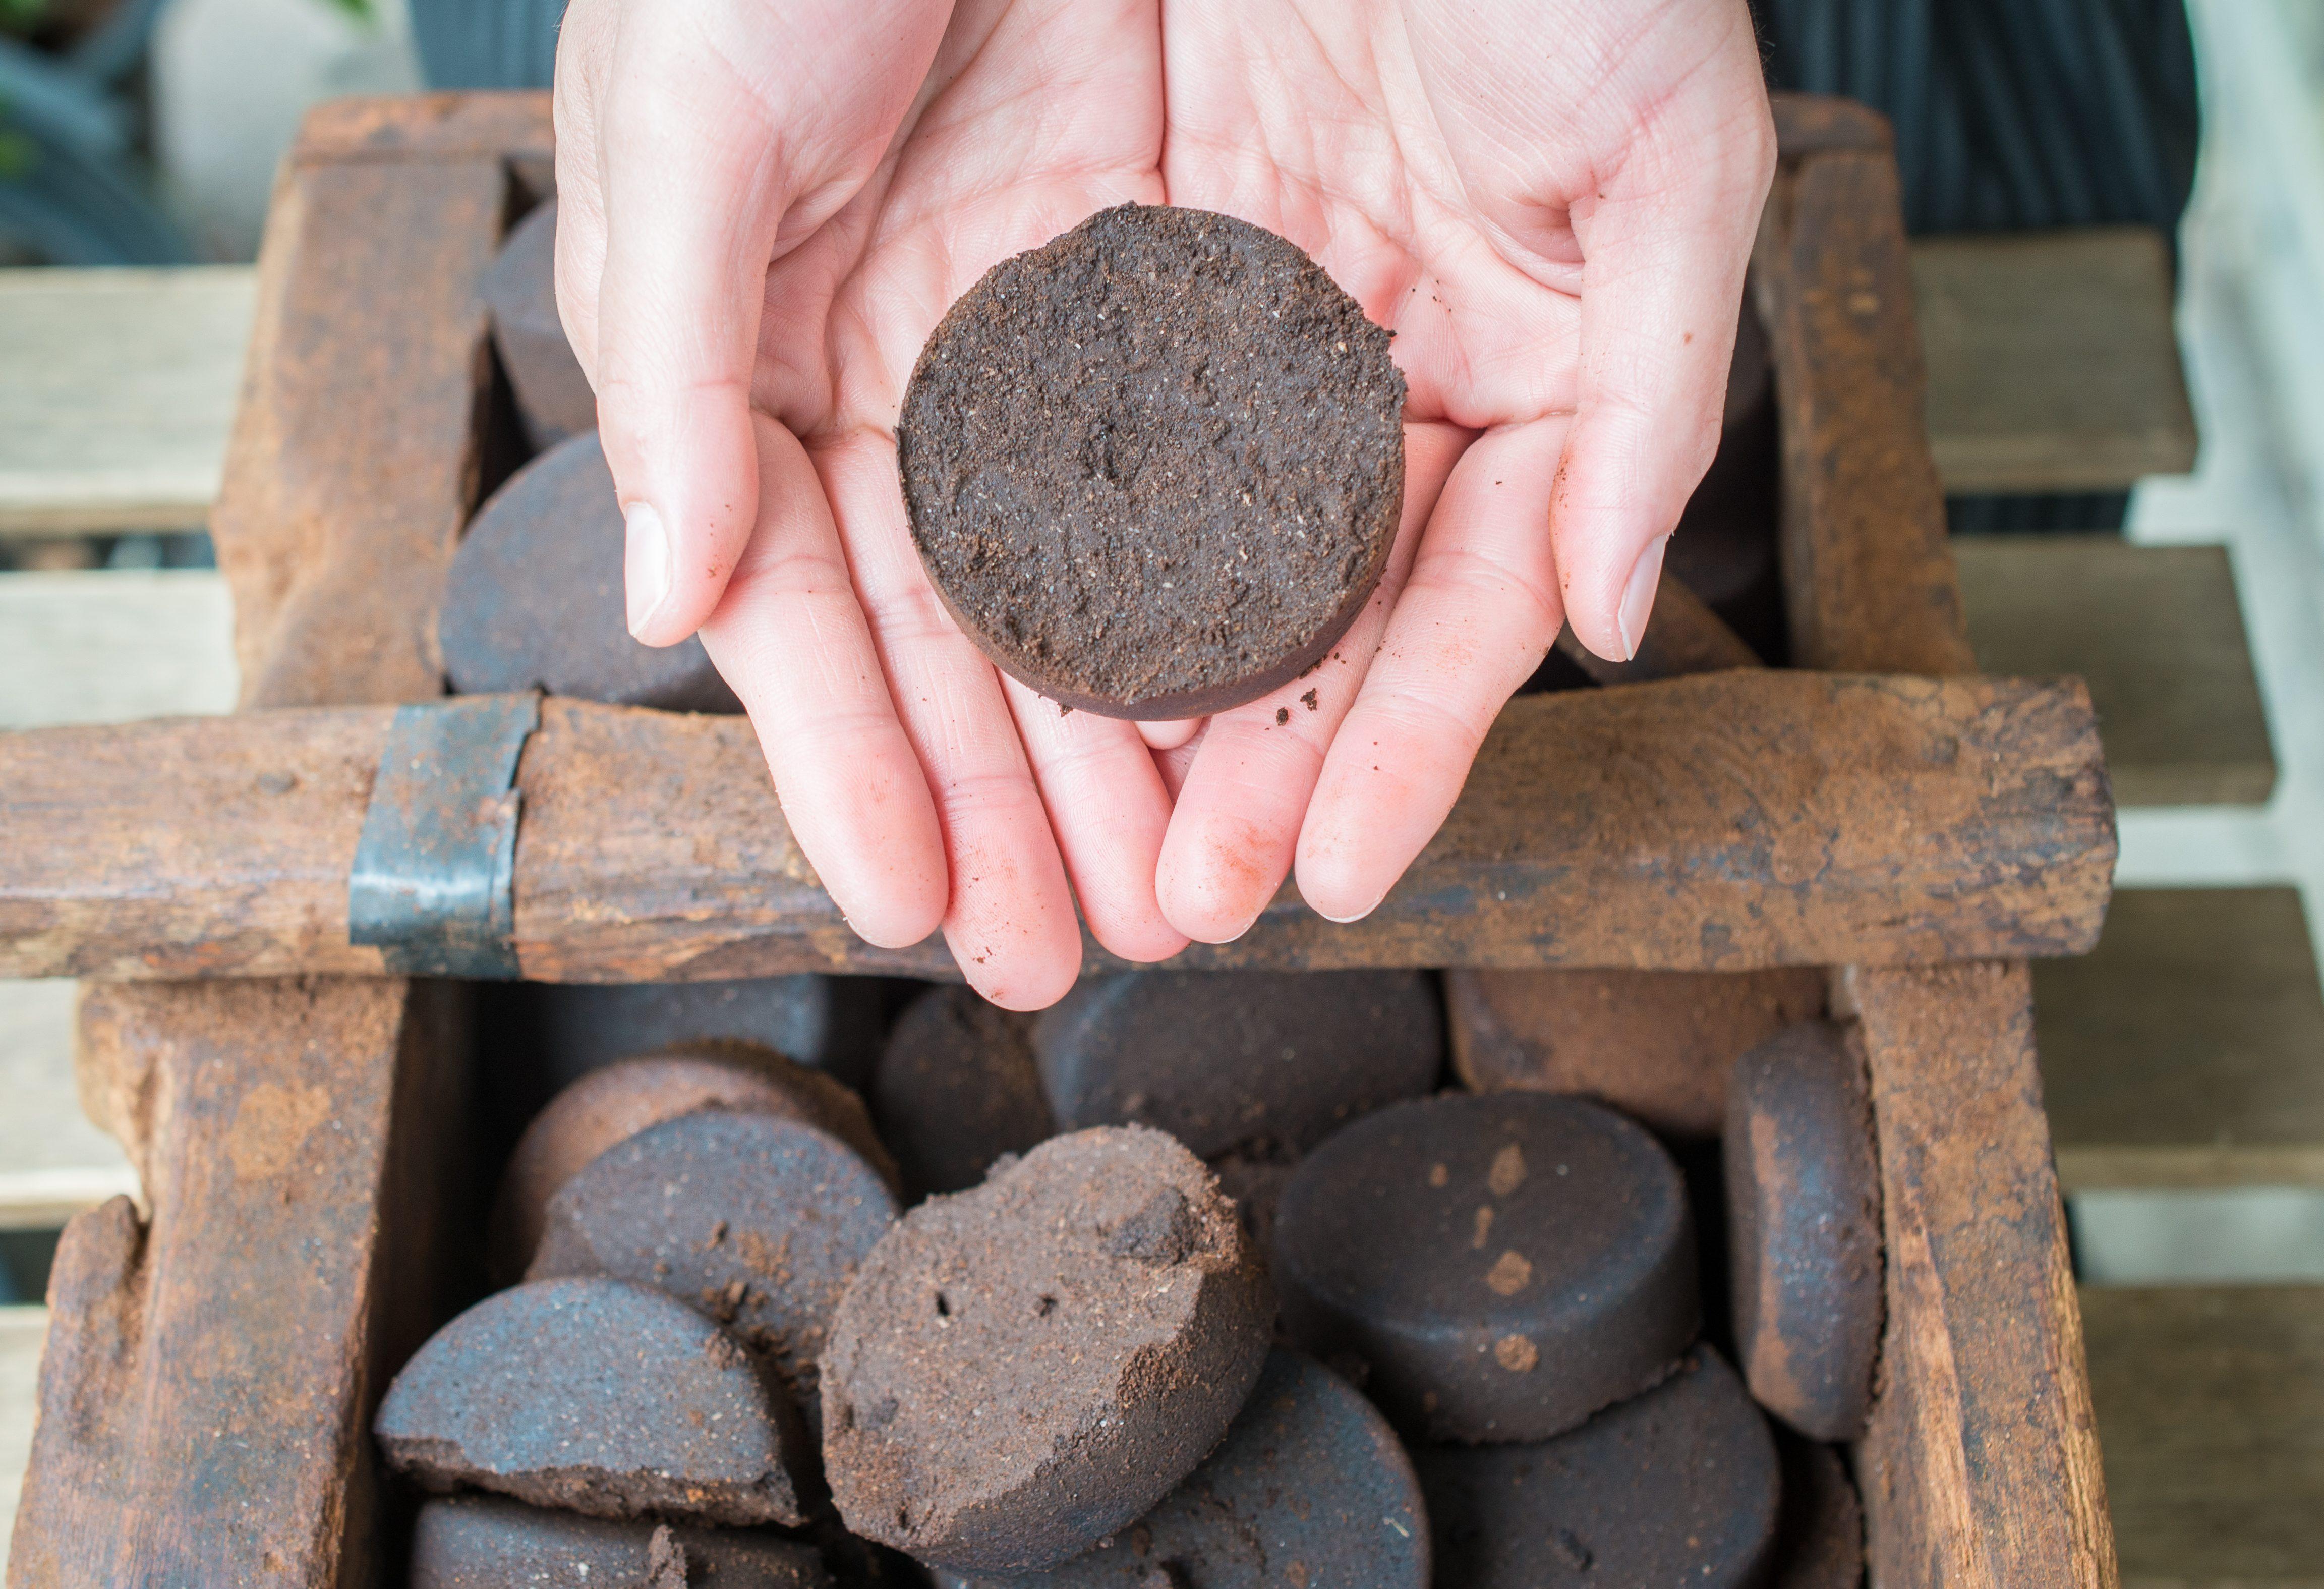 Coltivare funghi dai fondi di caffè: l'iniziativa no waste di un'azienda fiorentina